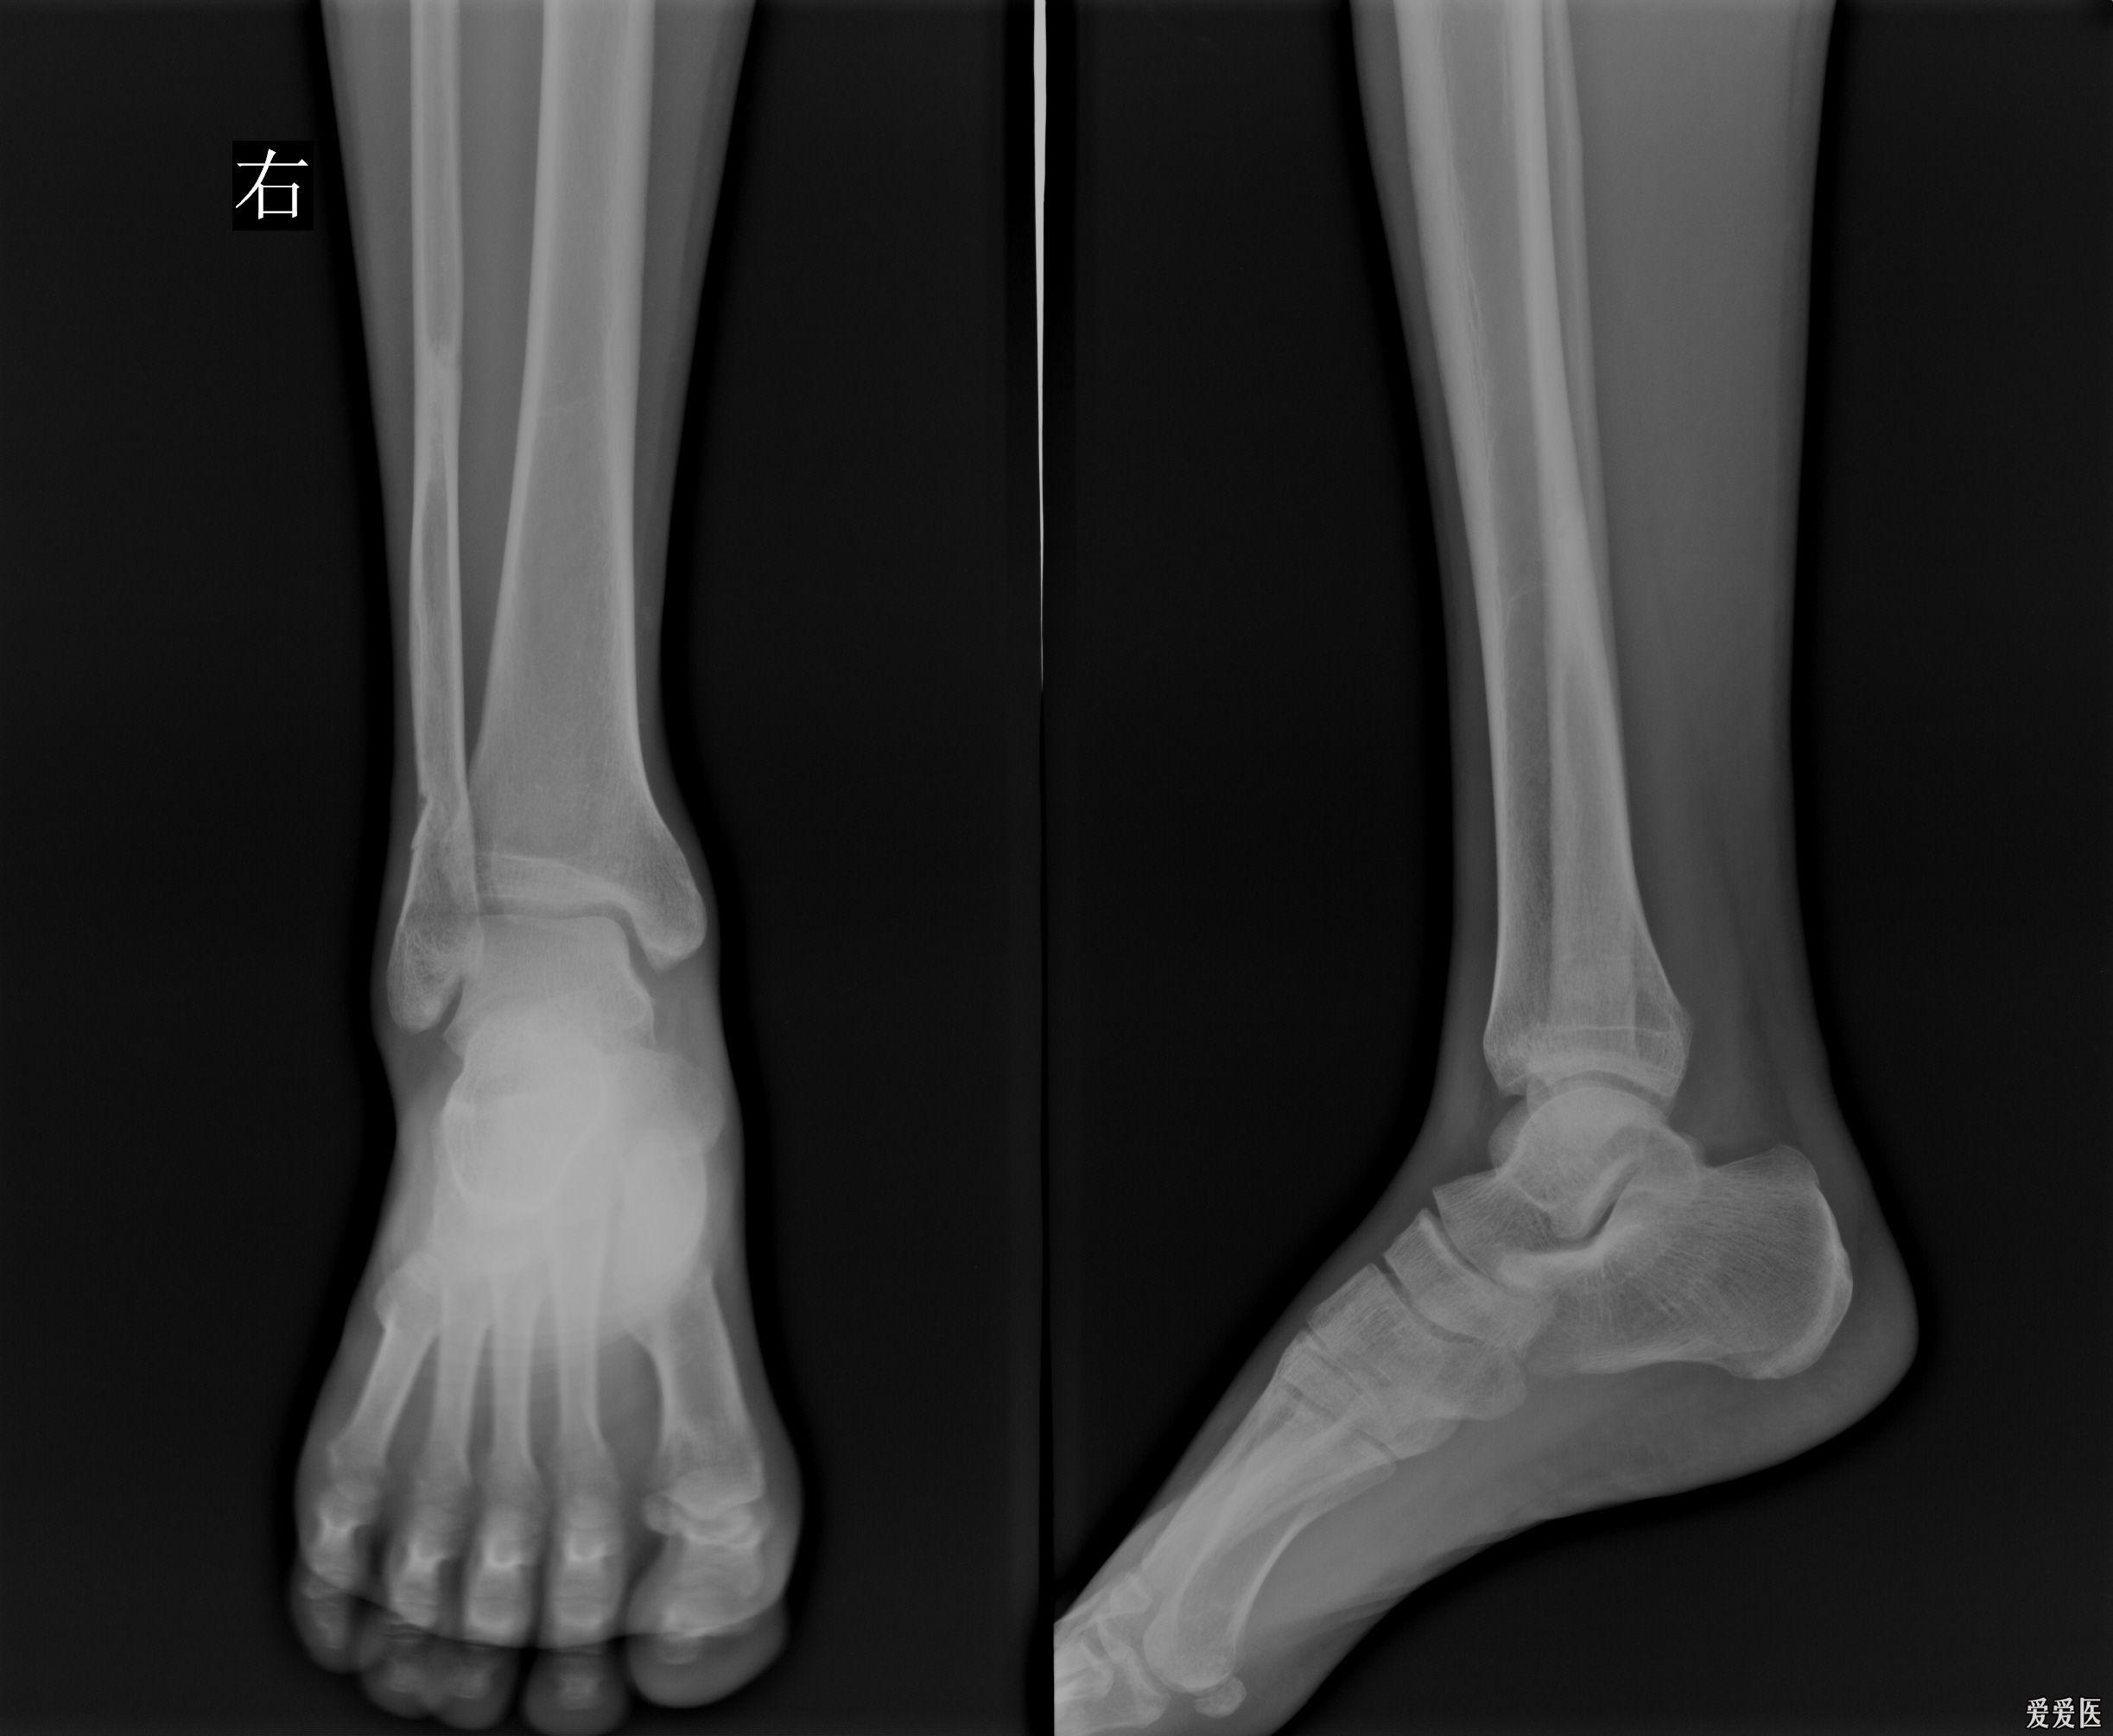 位 骨折 遠 腓骨 端 外くるぶしの骨折「腓骨遠位端部骨折」> 更新情報